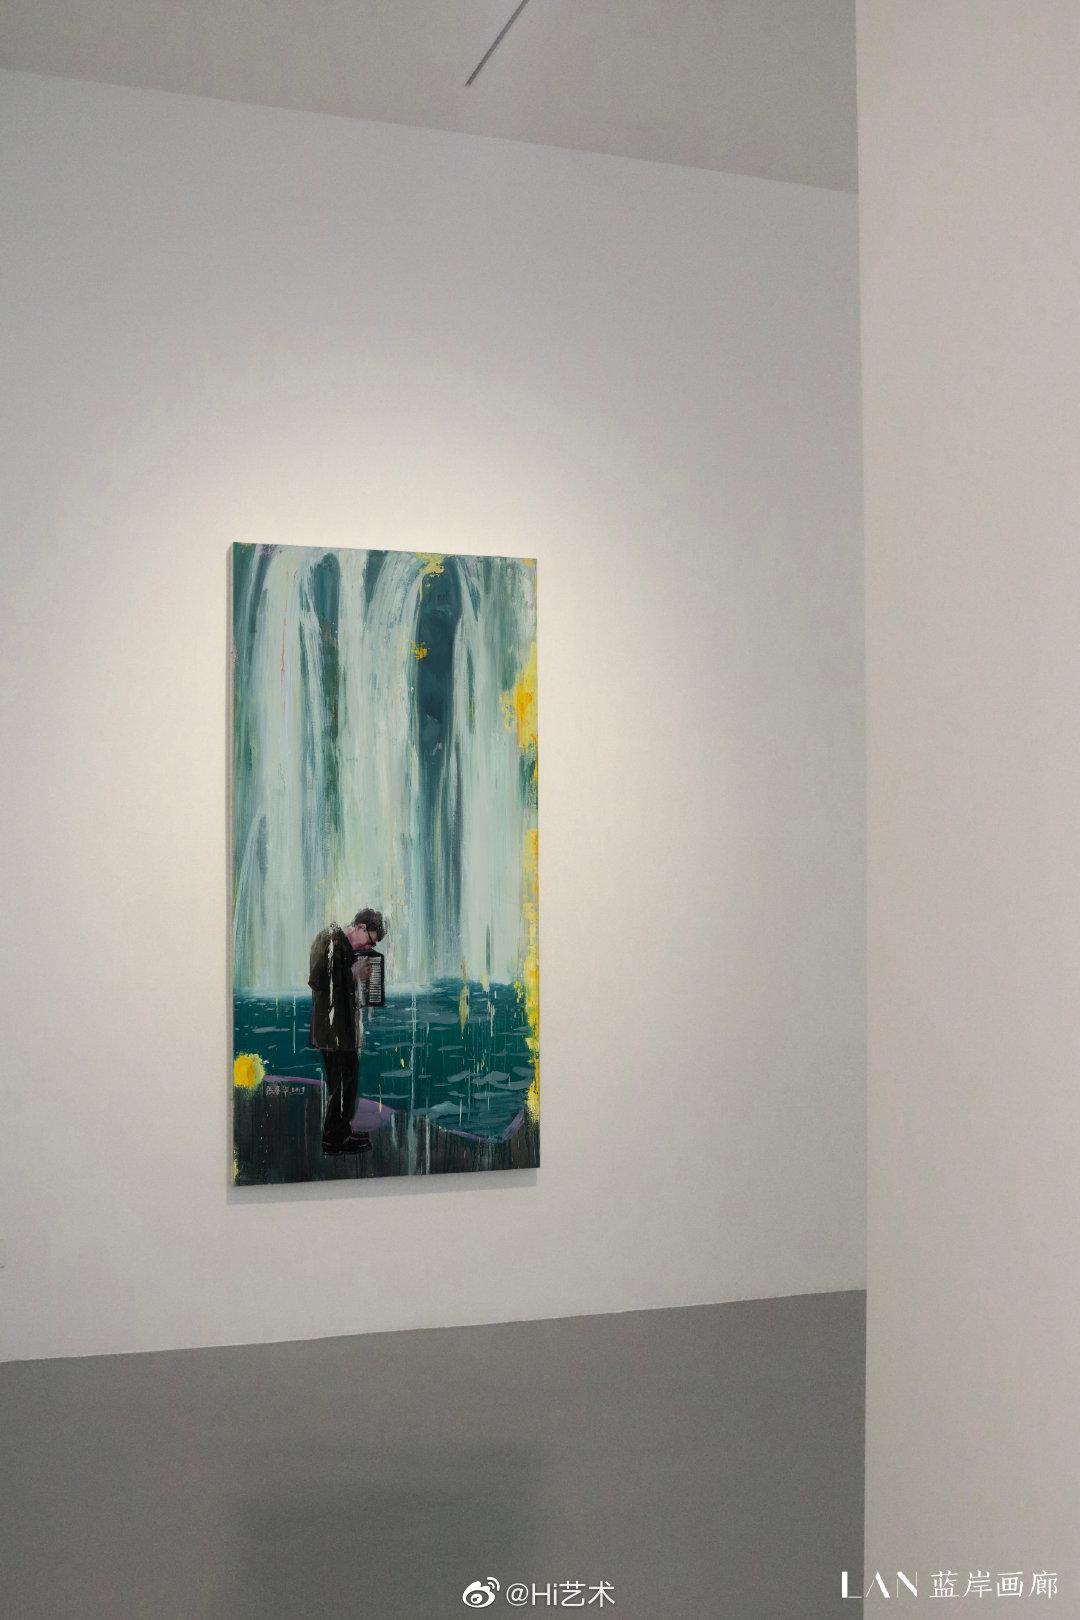 深圳新展 @蓝岸画廊 于2021年7月3日推出夏季群展《时间 · 光影》